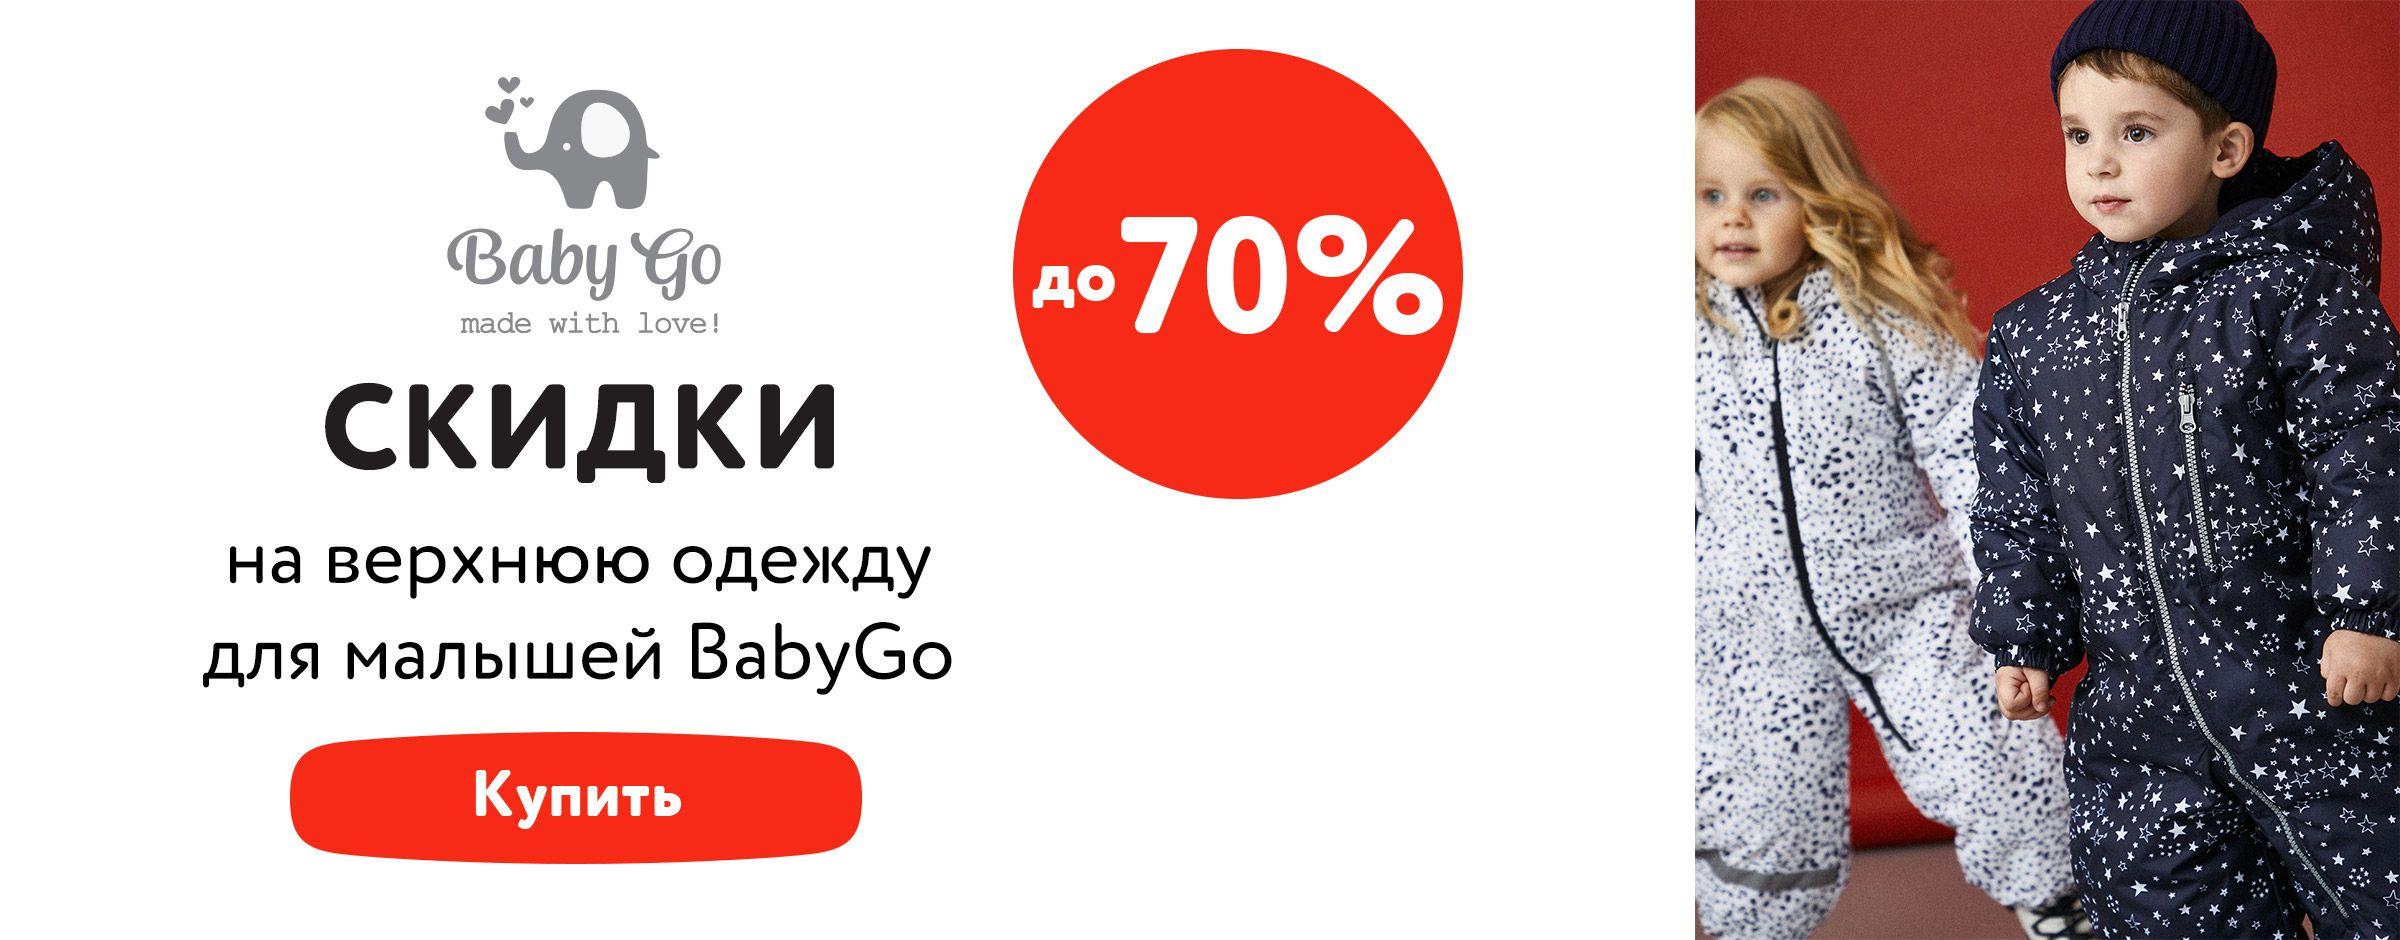 До 70% на верхнюю одежду для малышей BabyGo статика + категория